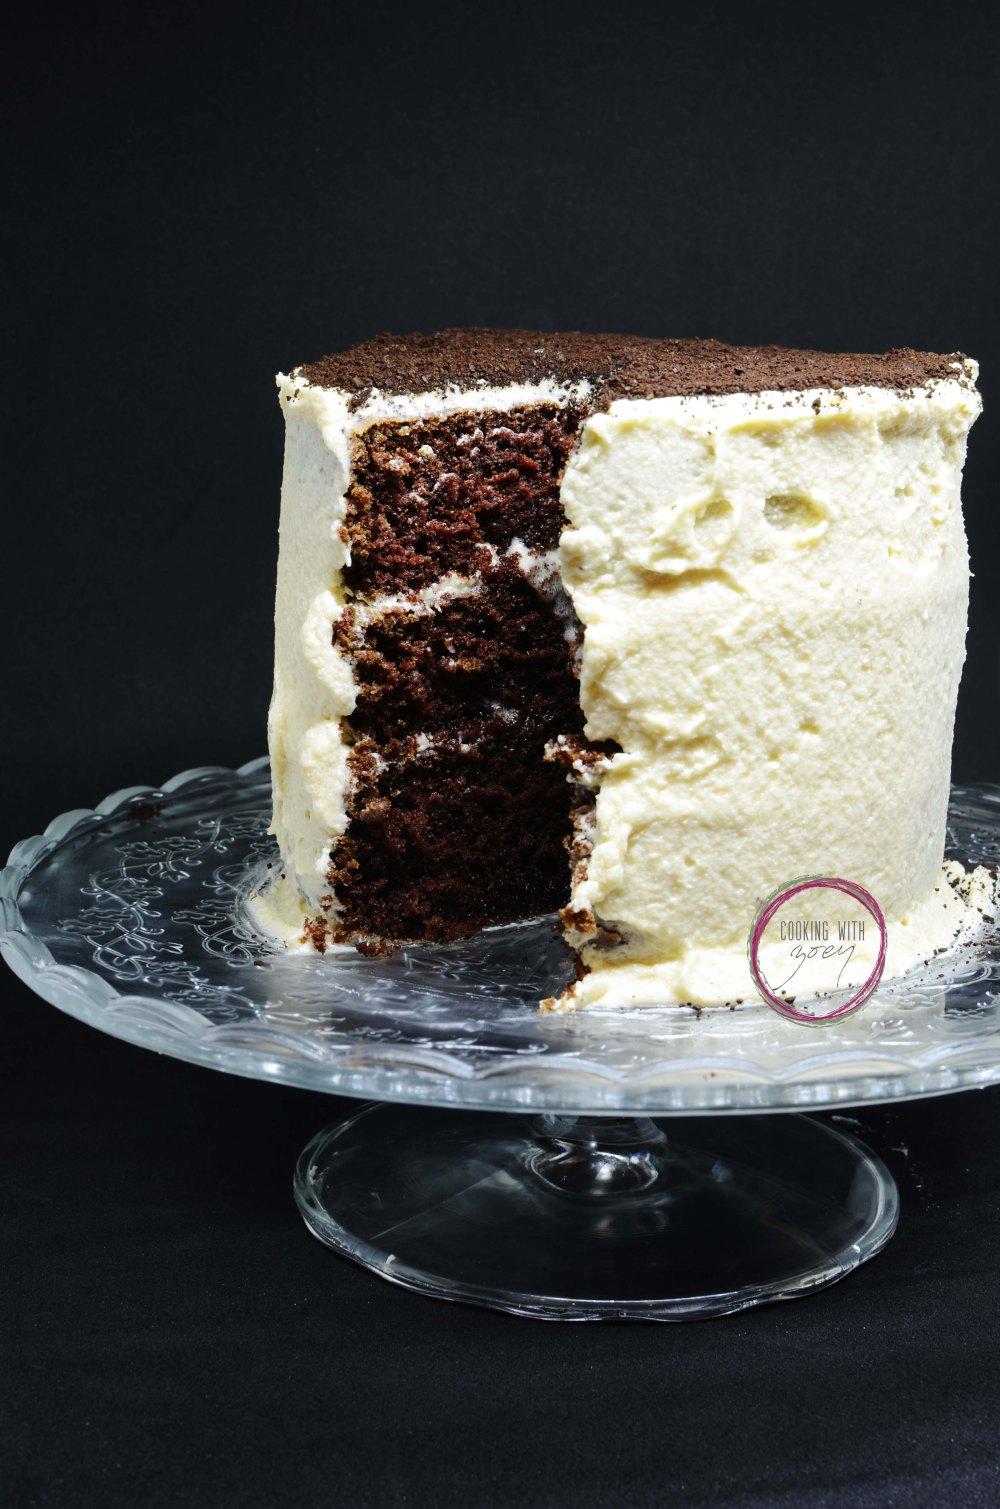 Coffee_chocolate_cake_with_baileeys.jpg